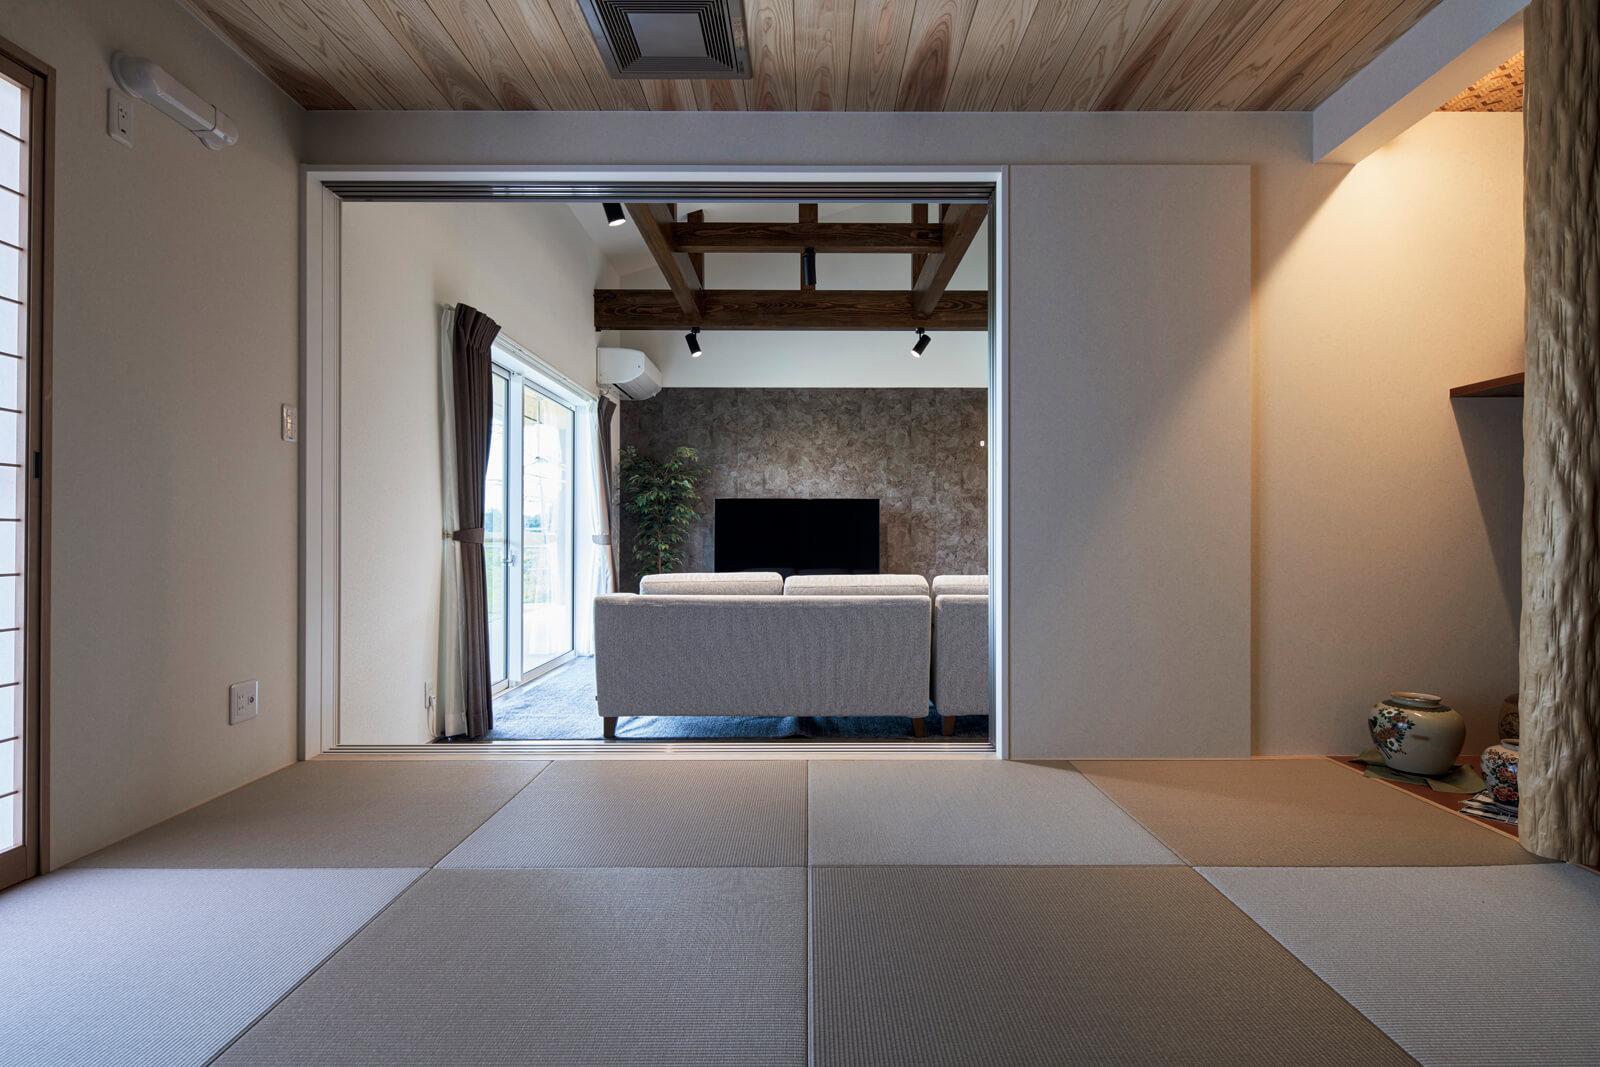 リビングに隣接する和室は、伝統的な日本家屋の手法を存分に生かしたつくり